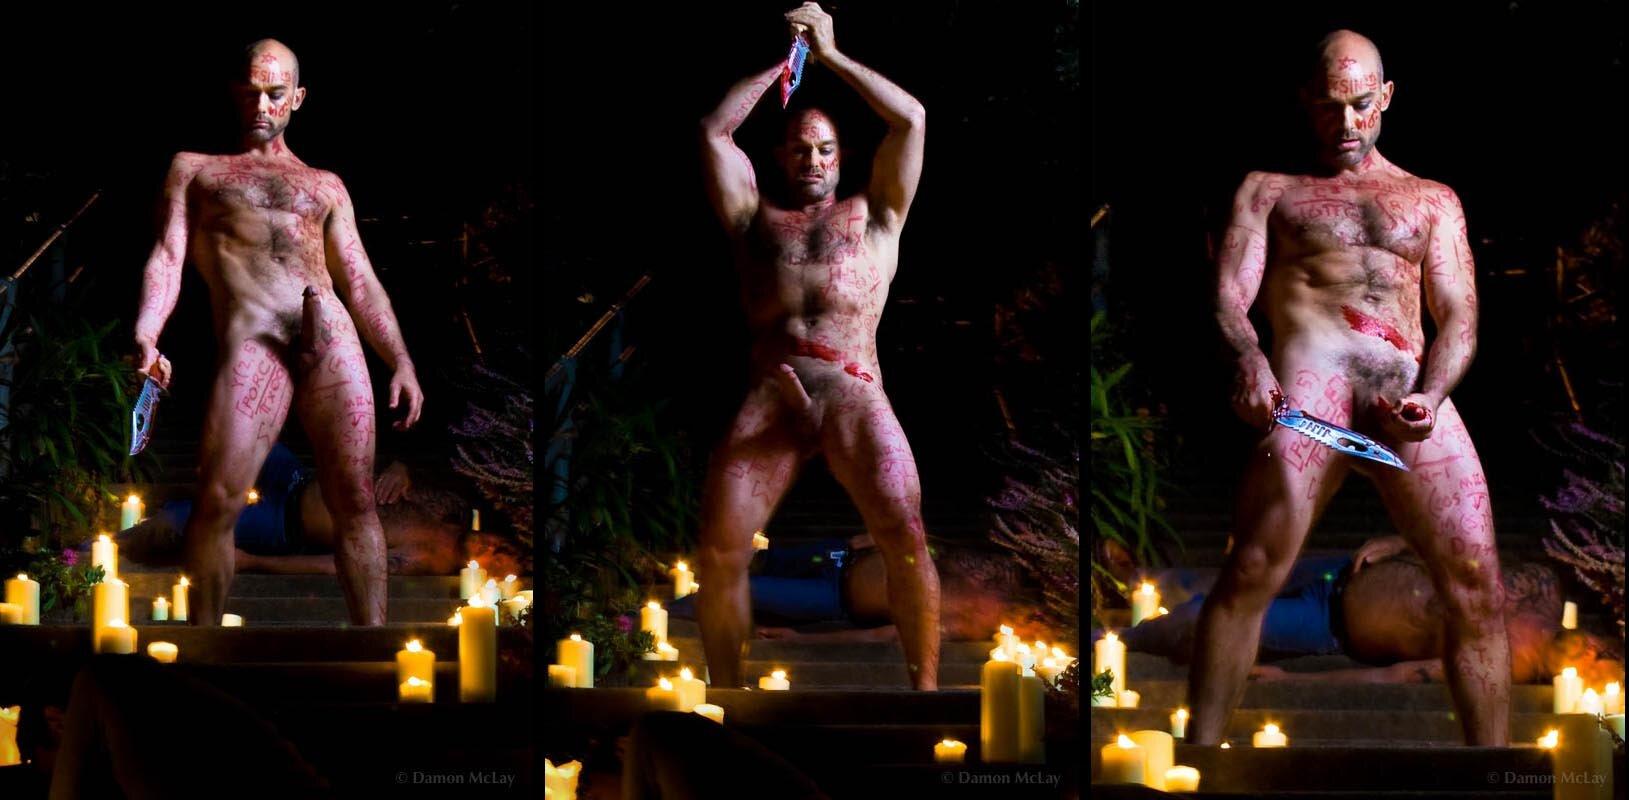 Ritual Power (triptych)